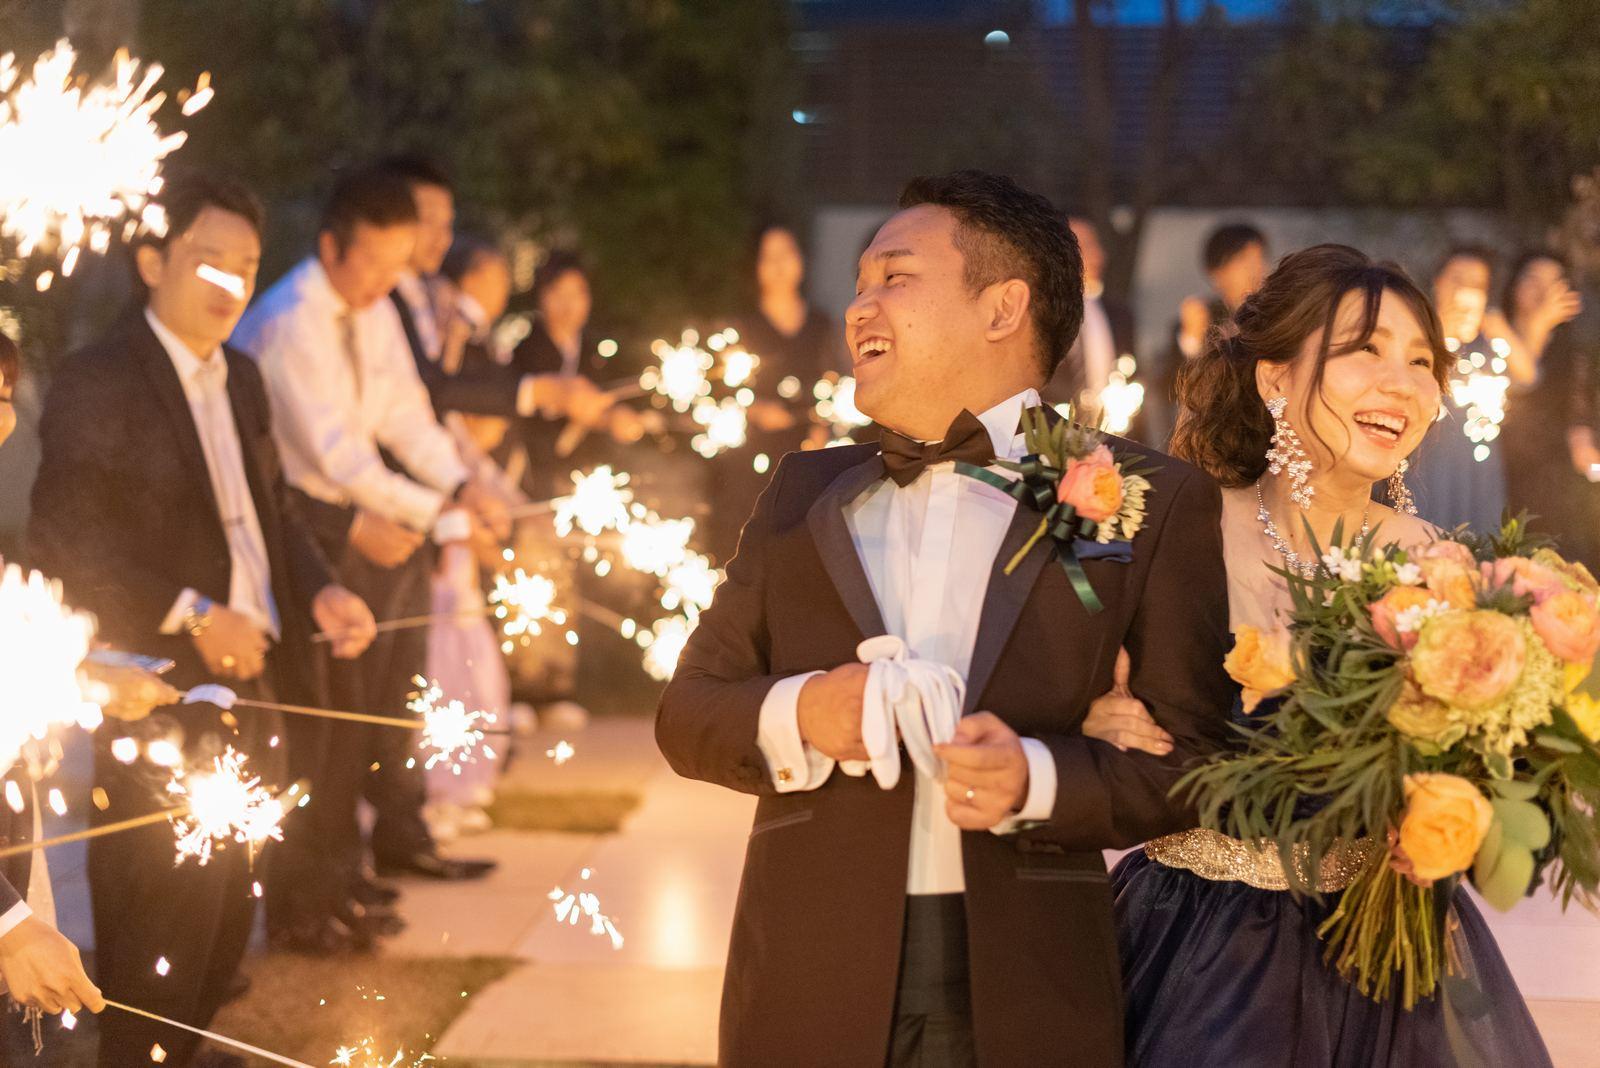 香川県の結婚式場シェルエメール&アイスタイル 花火シャワー